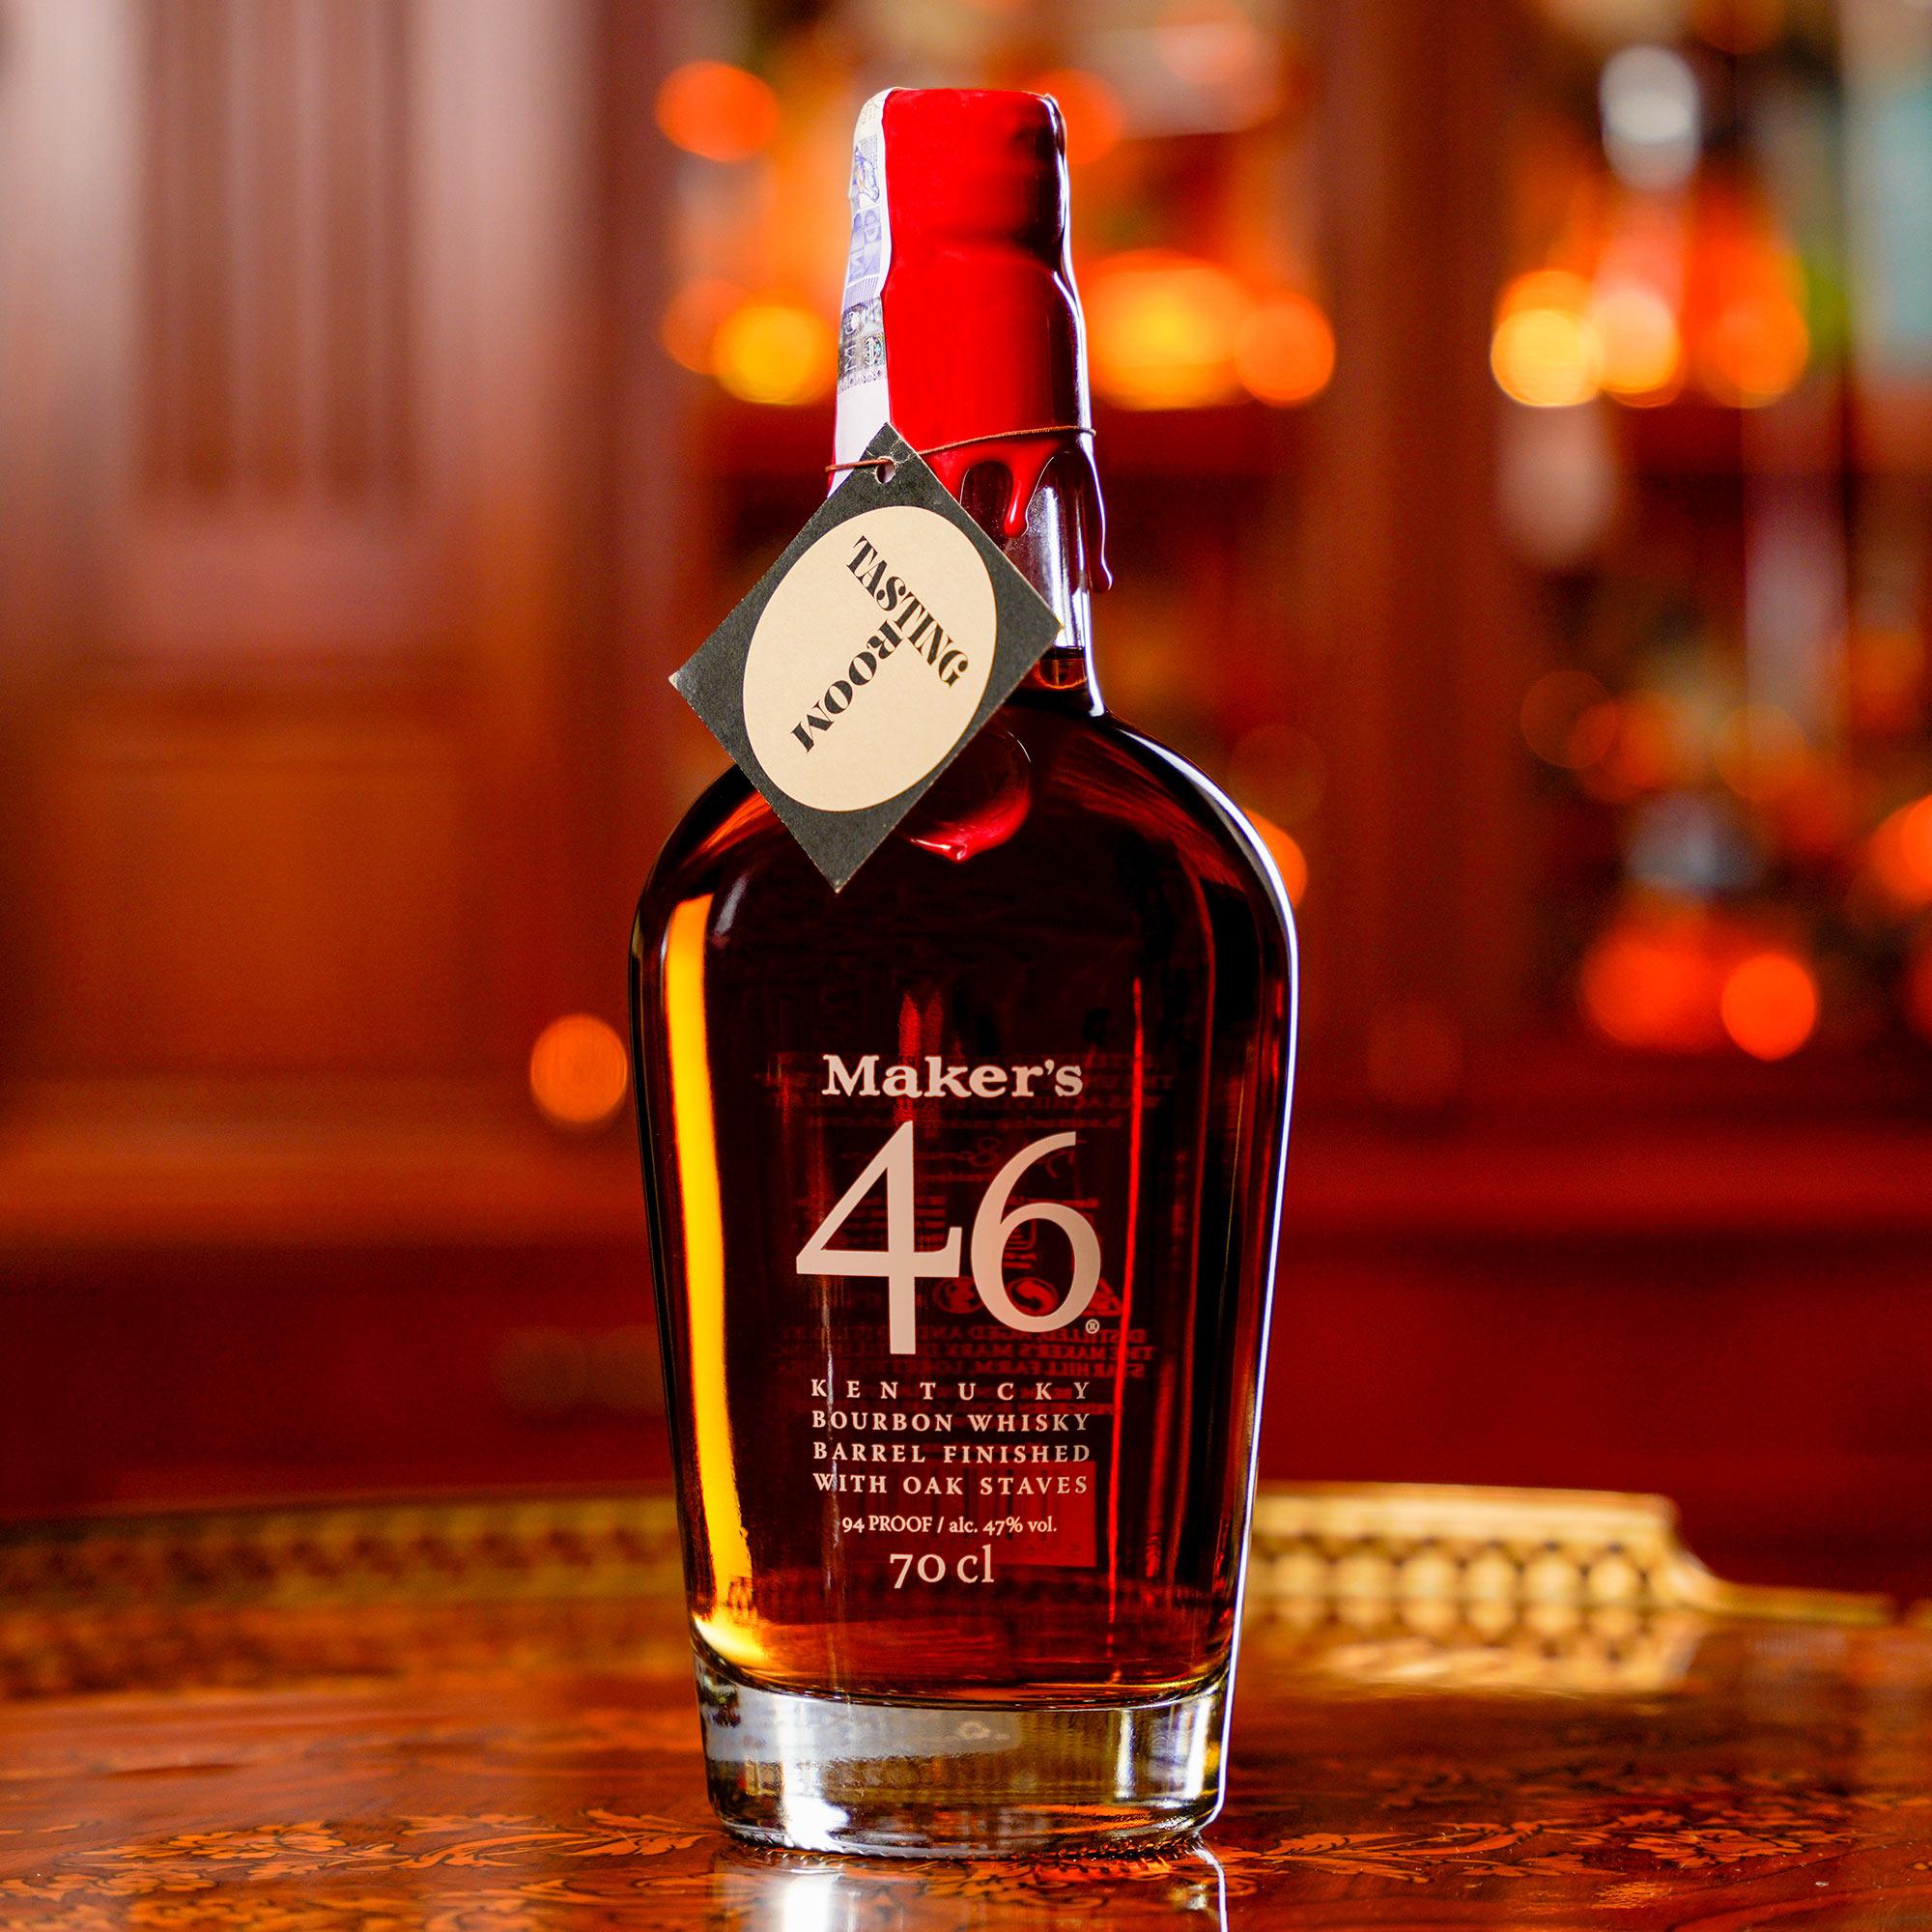 Maker's Mark 46 Bourbon /Мейкърс Марк 46 Бърбън